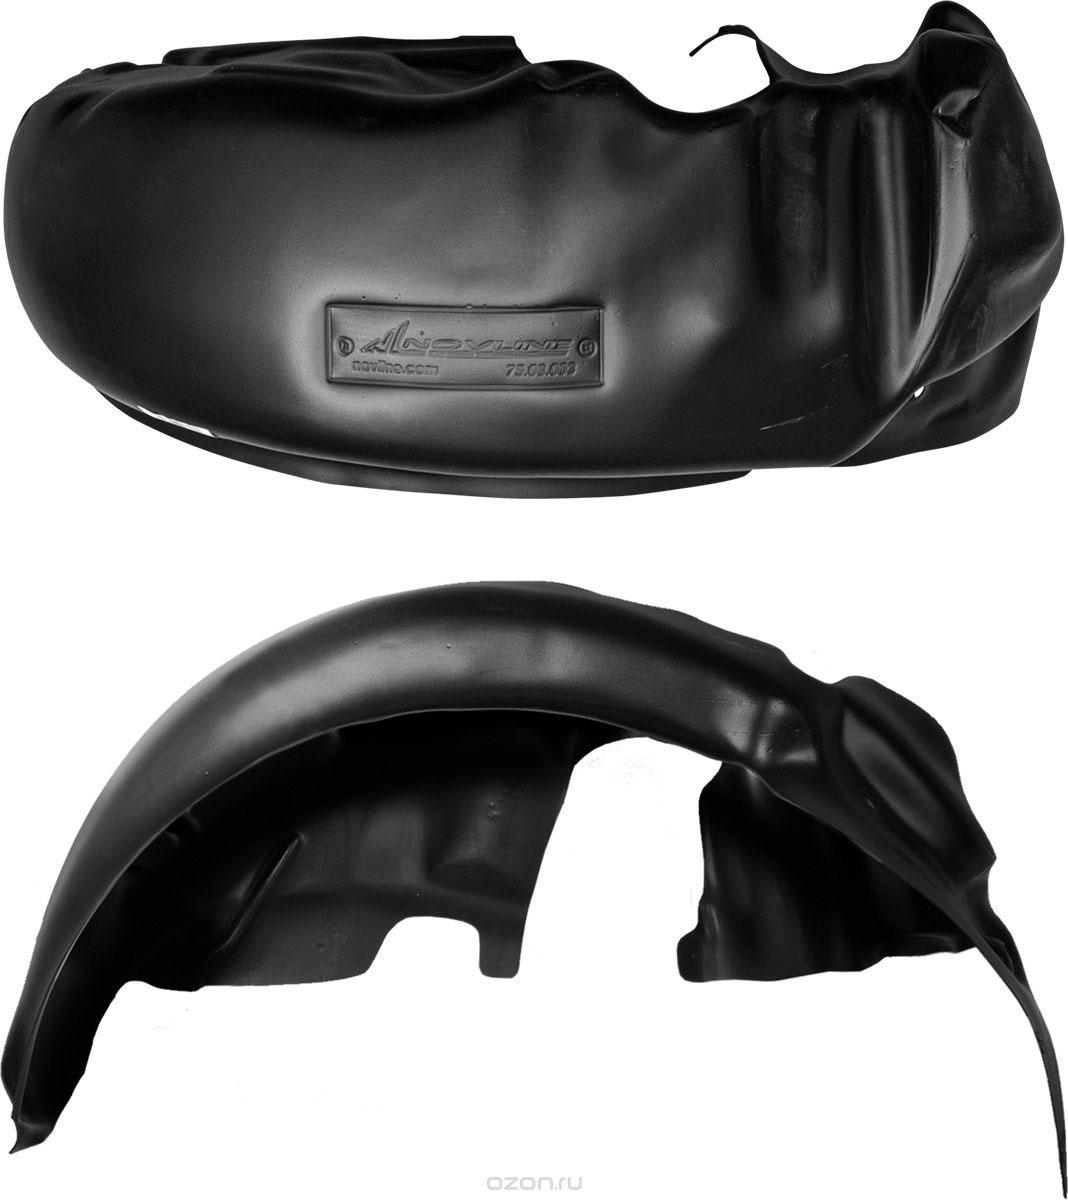 Подкрылок Novline-Autofamily, для Chery Tiggo 5 FL, 2016->, кроссовер, задний правыйNLL.63.17.004Идеальная защита колесной ниши. Локеры разработаны с применением цифровых технологий, гарантируют максимальную повторяемость поверхности арки. Изделия устанавливаются без нарушения лакокрасочного покрытия автомобиля, каждый подкрылок комплектуется крепежом. Уважаемые клиенты, обращаем ваше внимание, что фотографии на подкрылки универсальные и не отражают реальную форму изделия. При этом само изделие идет точно под размер указанного автомобиля.